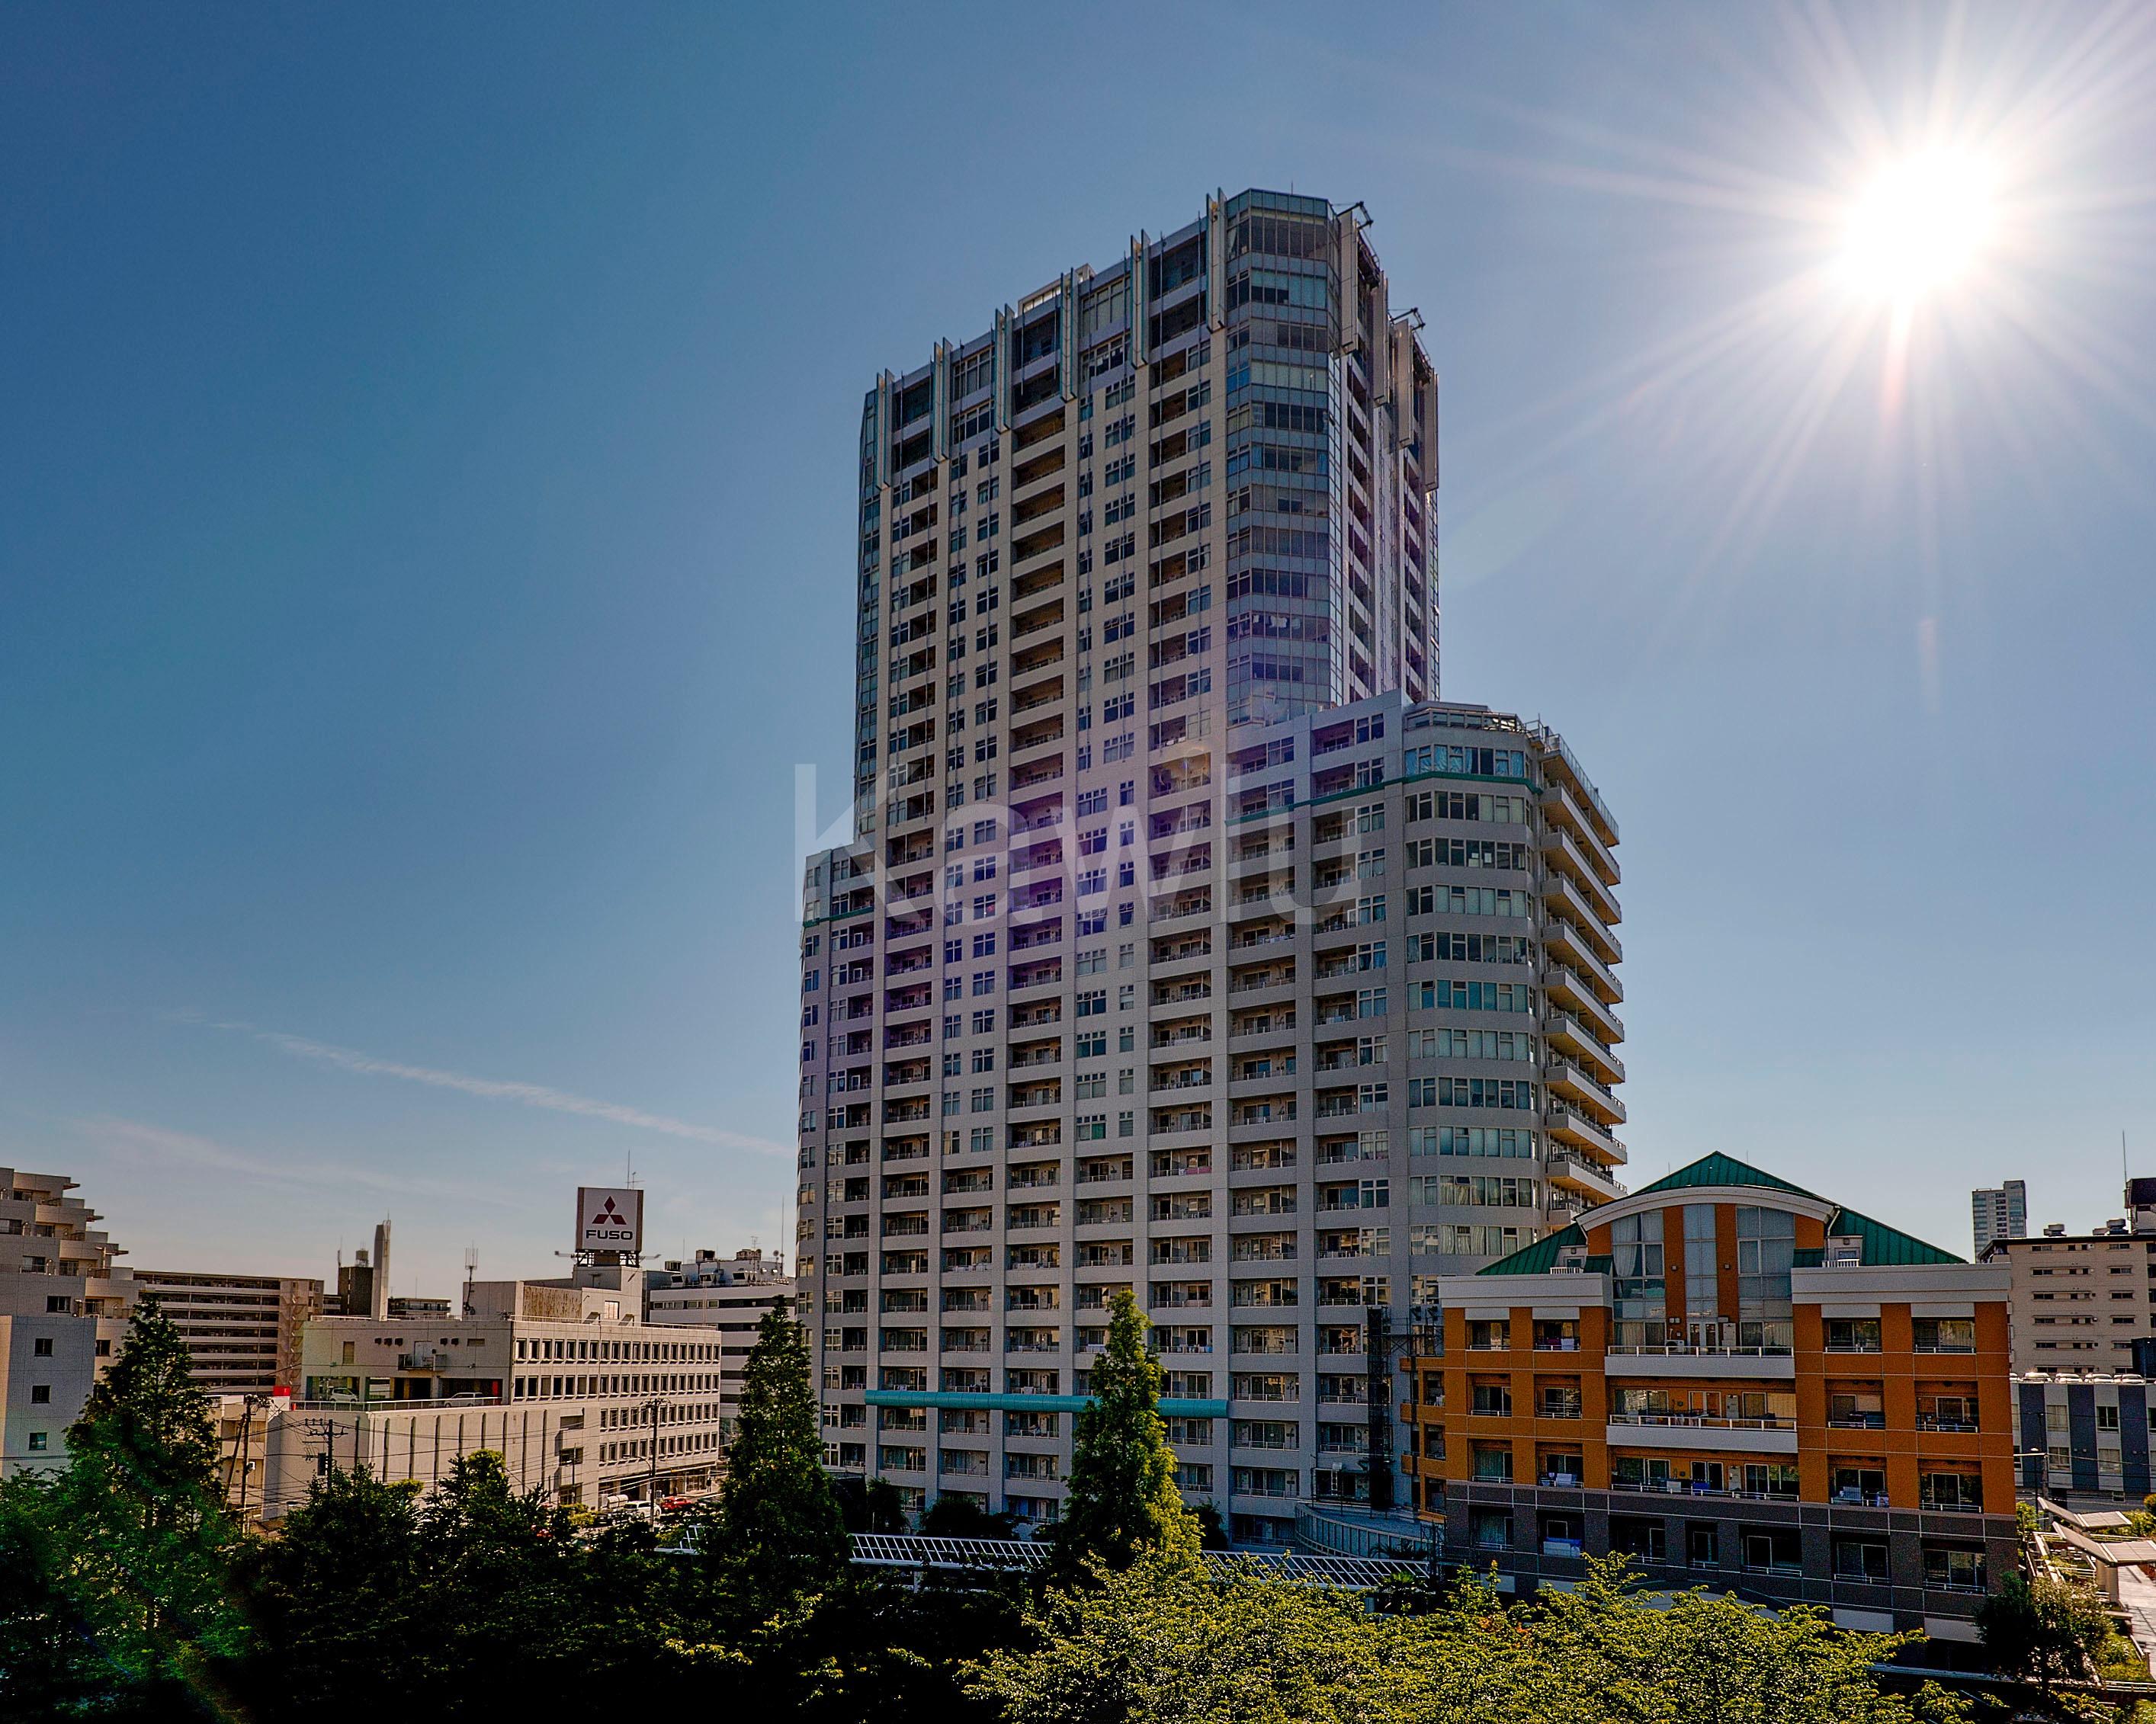 ラグナタワーは開発ラッシュで活気に沸く品川エリアのタワーマンション!